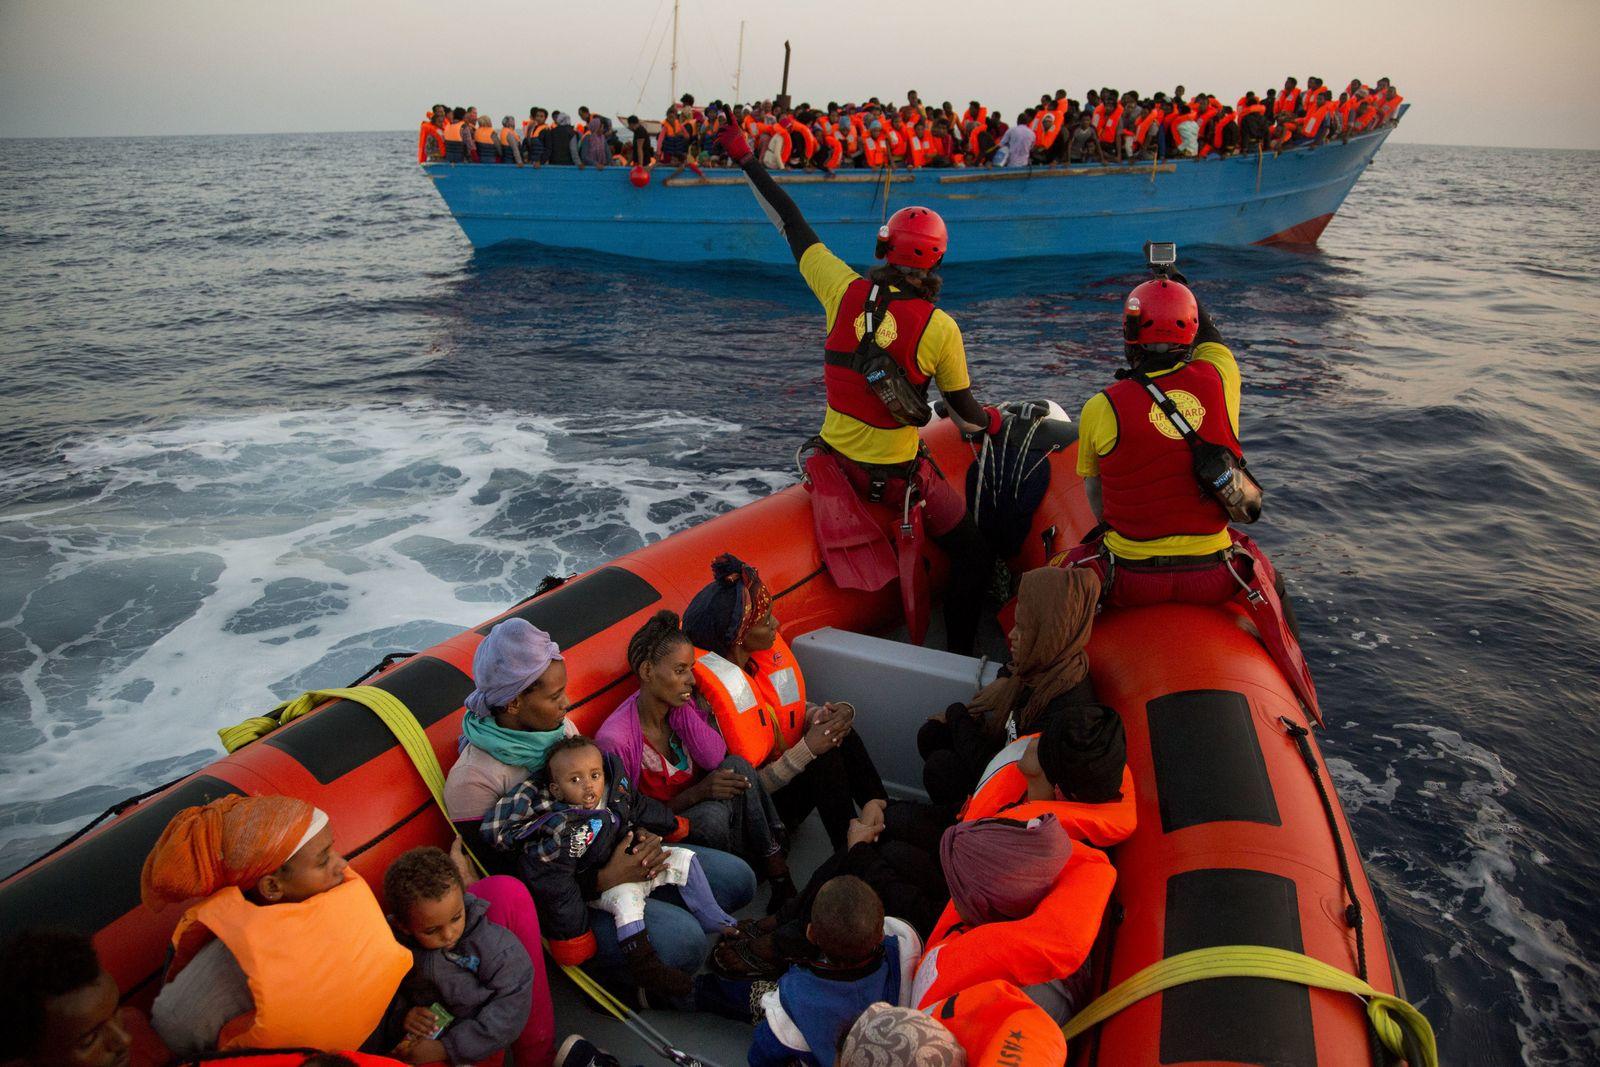 Italien/ Libyen/ Flüchtlinge